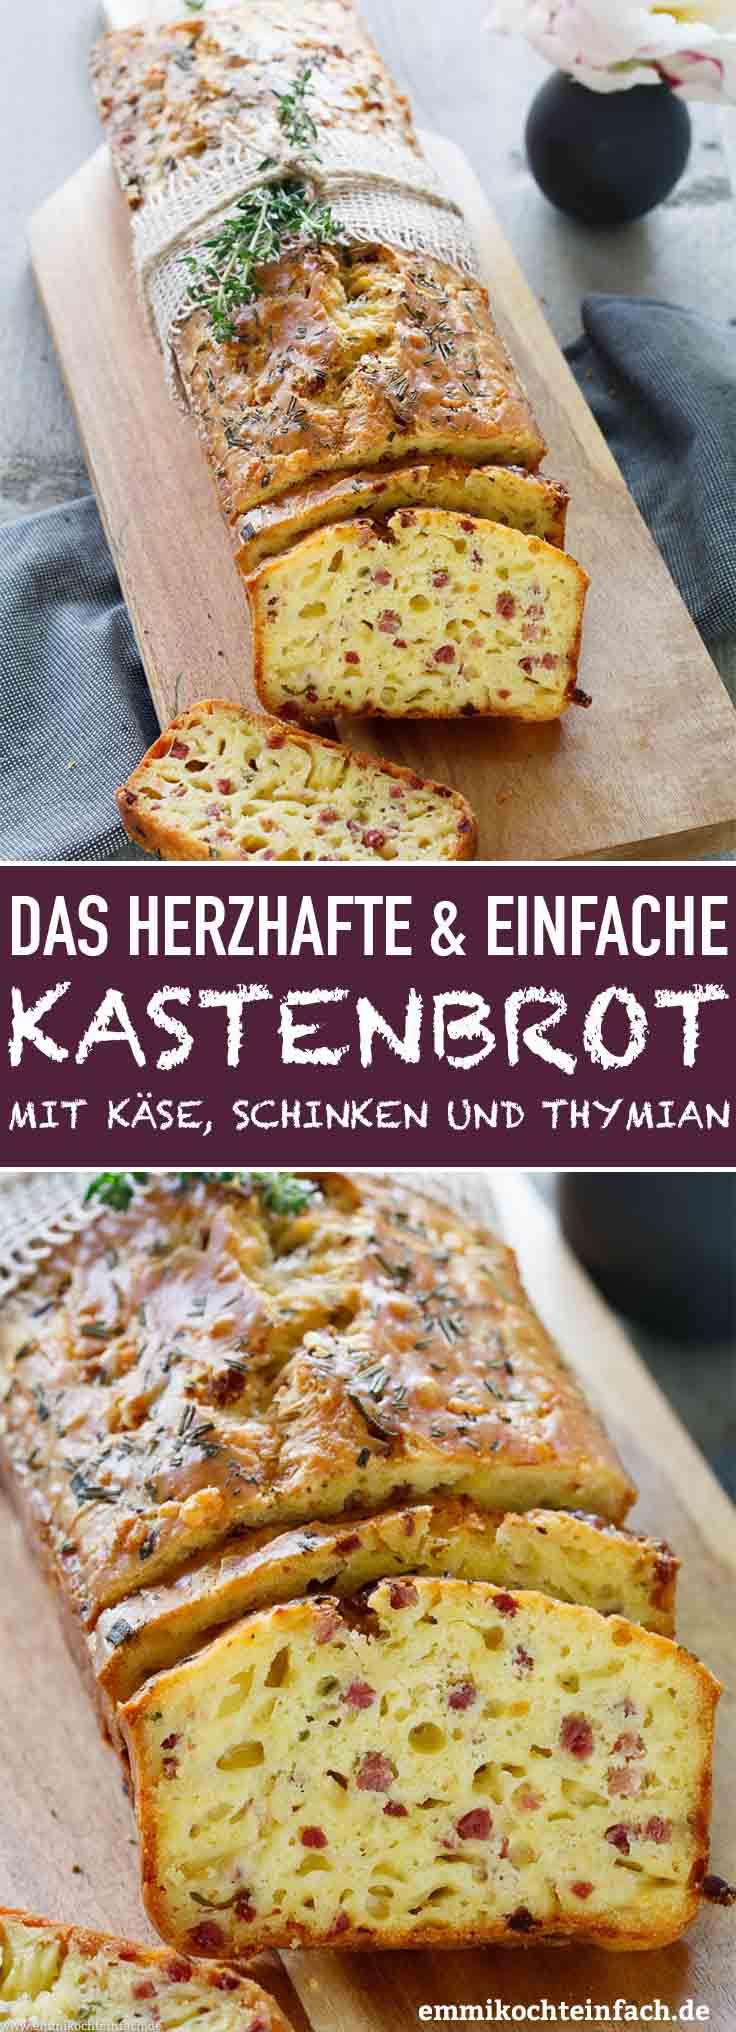 Herzhaftes Kastenbrot - www.emmikochteinfach.de